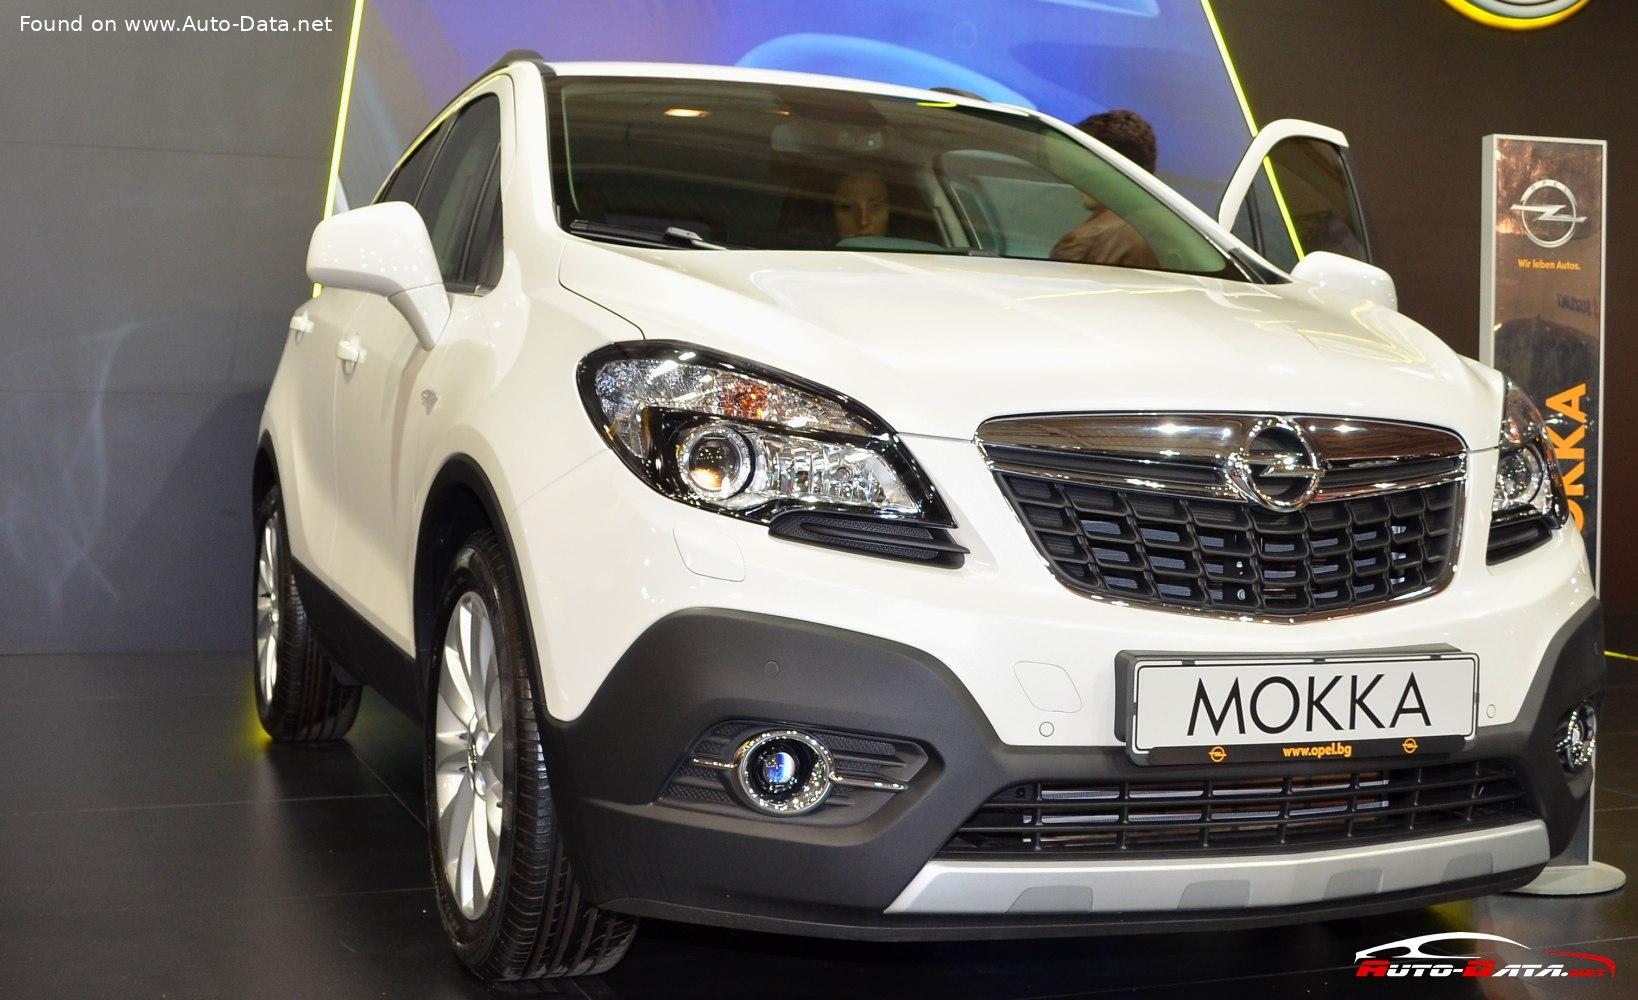 2015 Opel Mokka 1 6 Cdti 110 Hp Ecoflex Technical Specs Data Fuel Consumption Dimensions